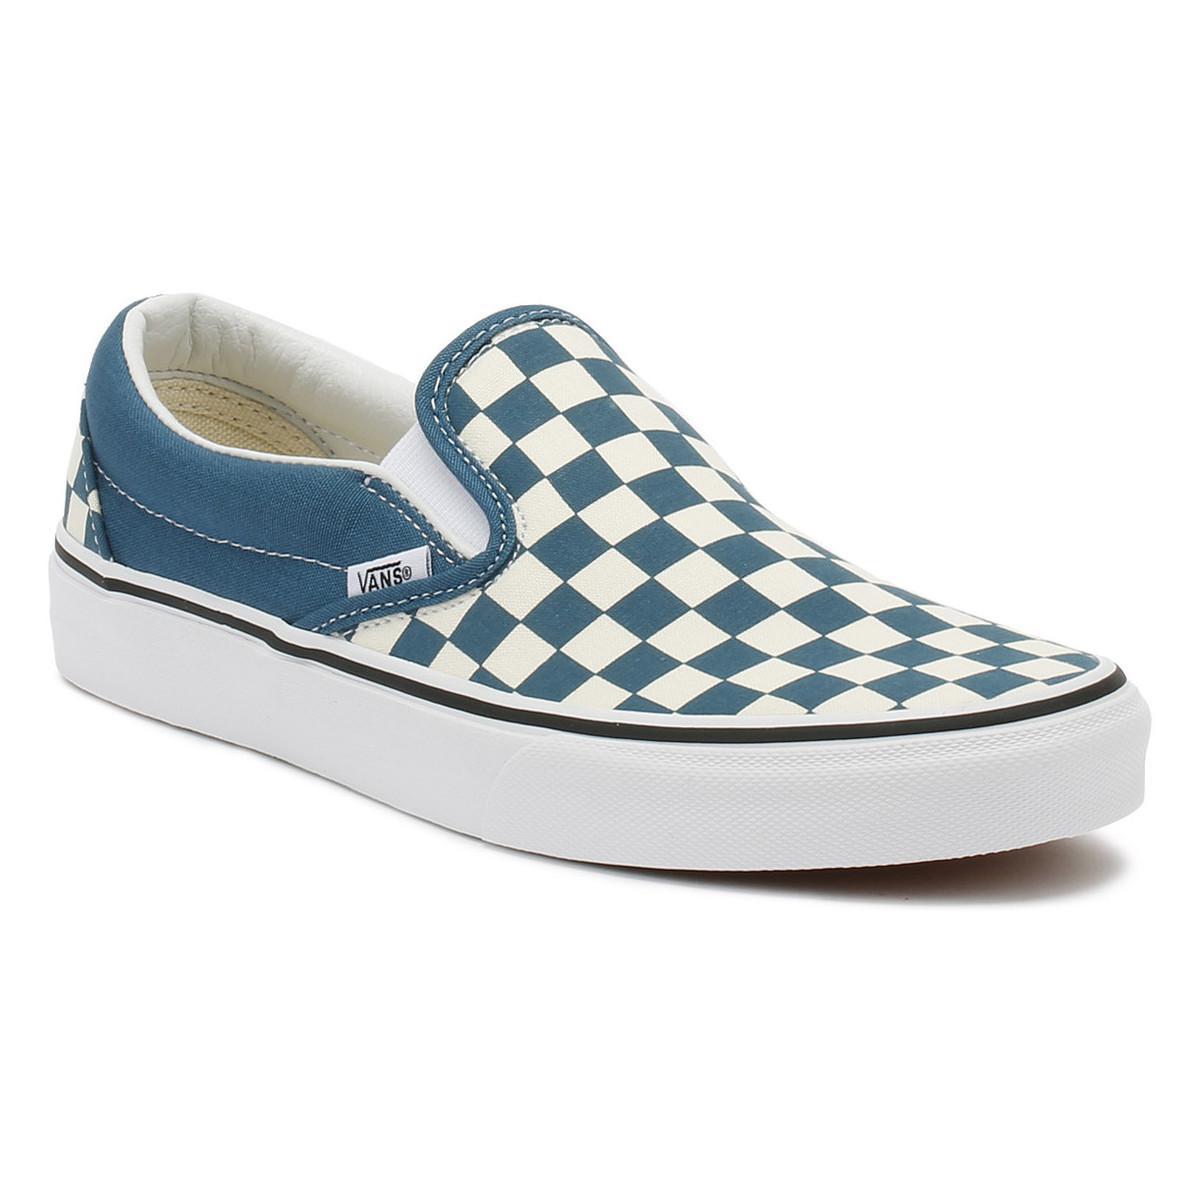 f94a50e8ea3 Vans. Corsair   True White Checkerboard Classic Slip On Trainers Women s ...